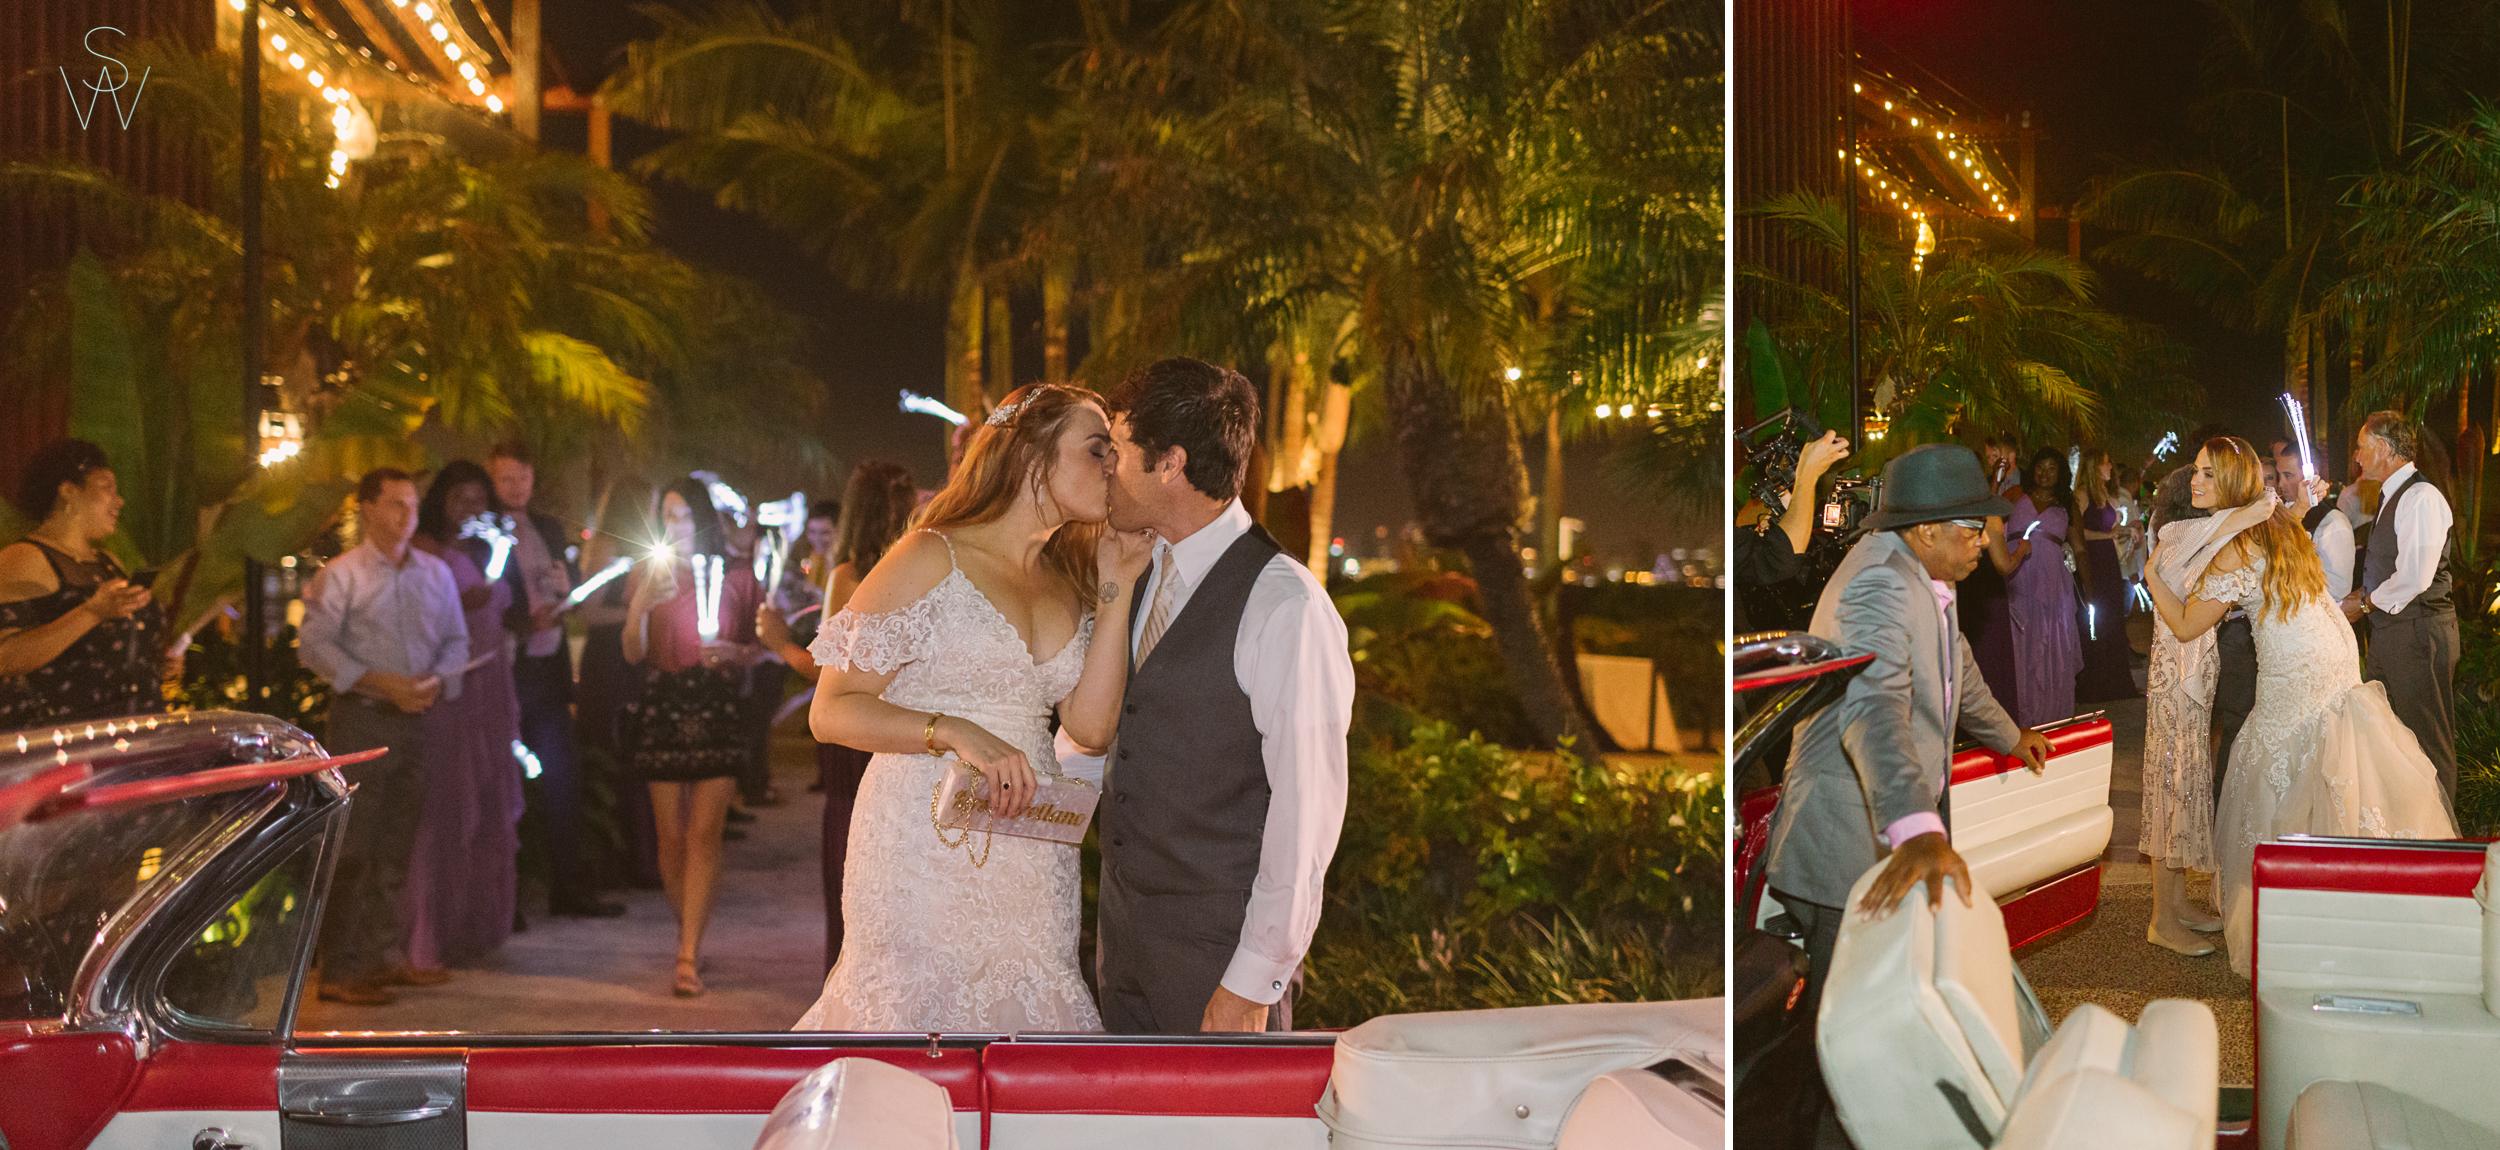 212San.diego.wedding.shewanders.photography.JPG